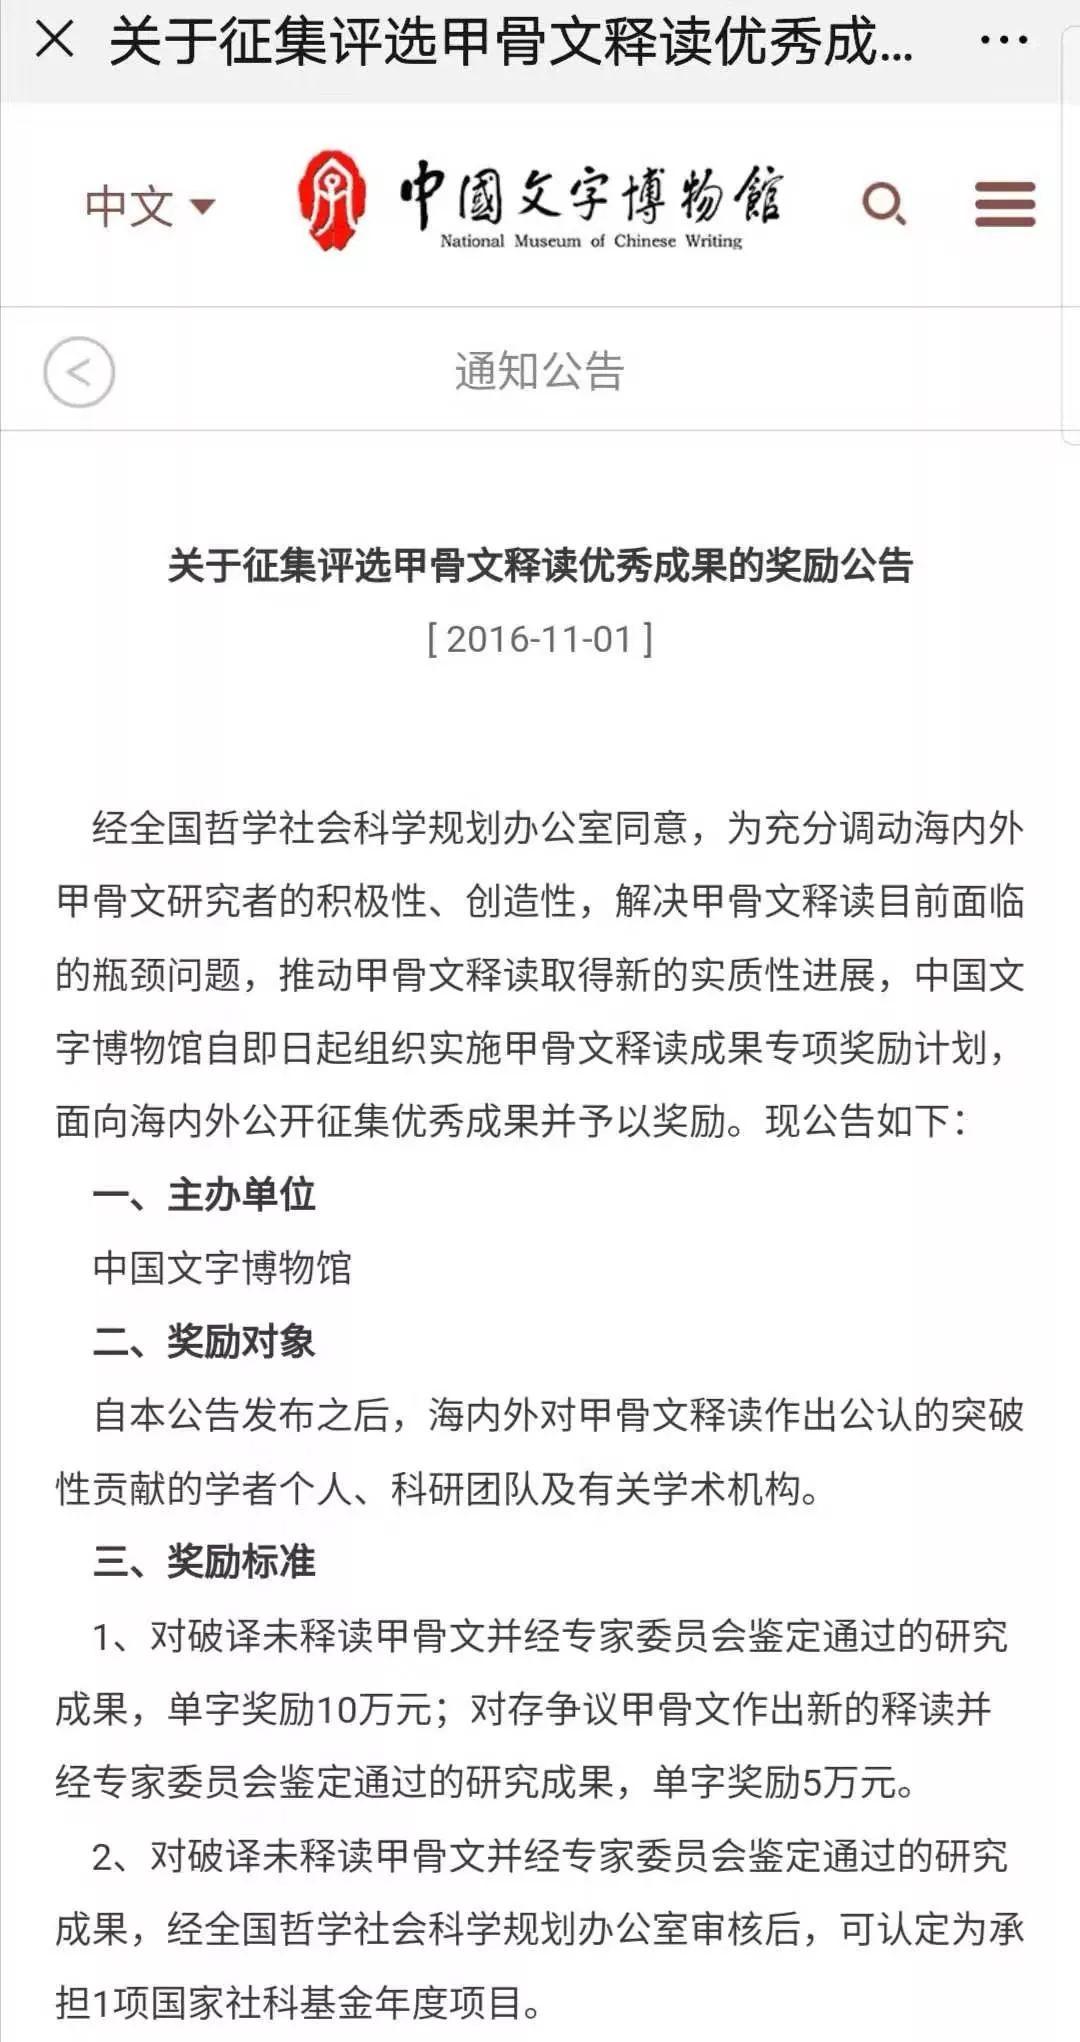 来源:中国文字博物馆公告